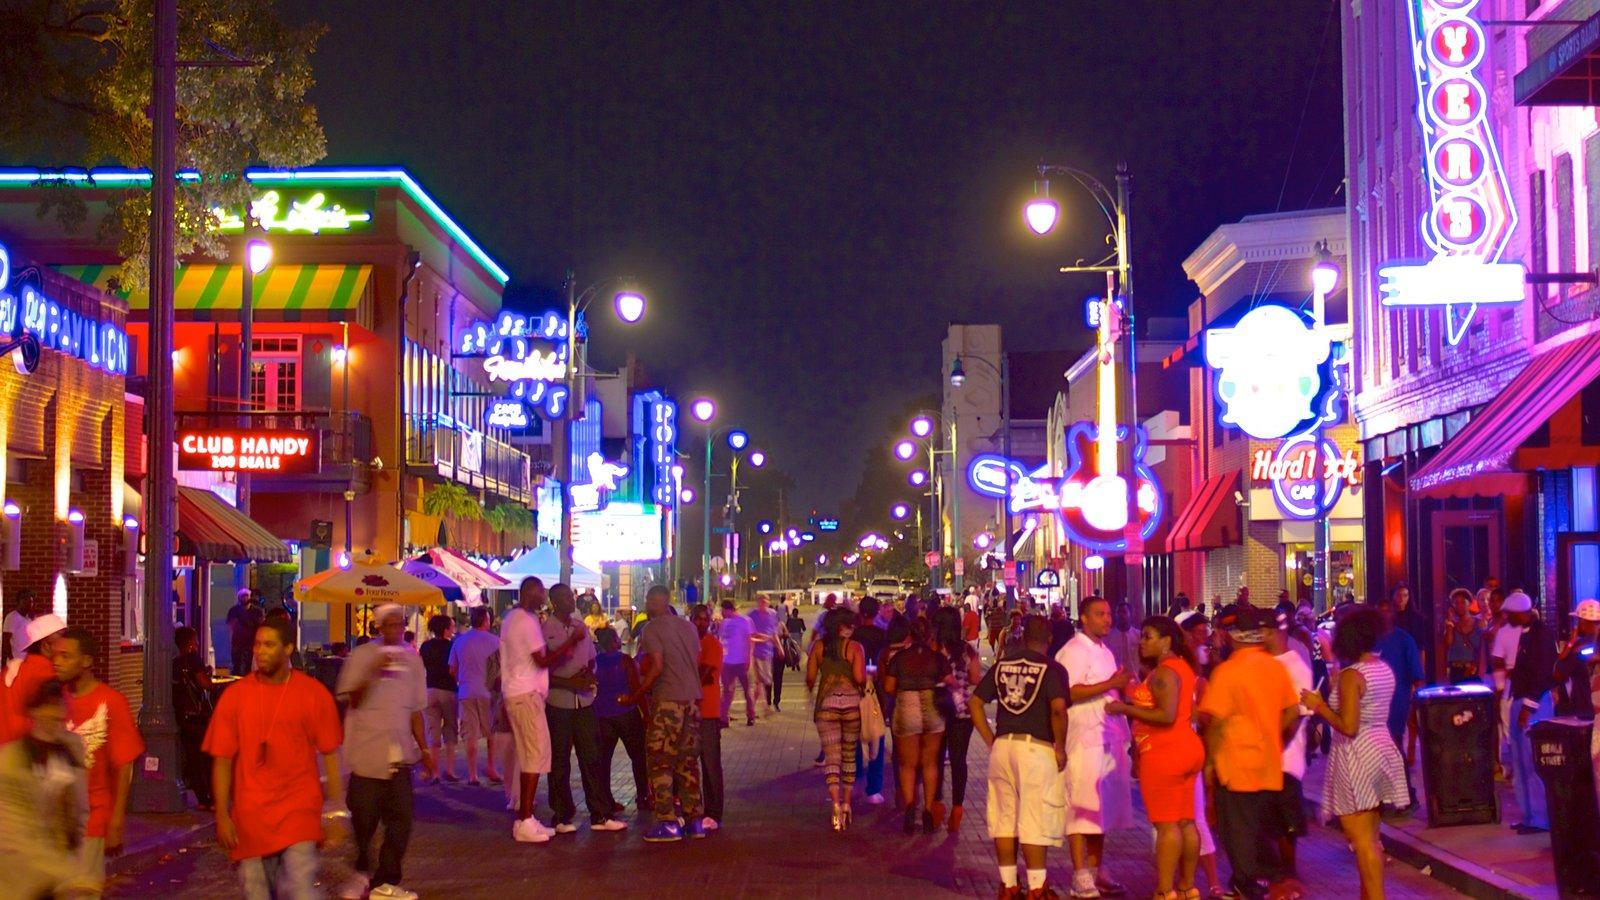 Beale Street que incluye escenas urbanas, escenas nocturnas y una ciudad